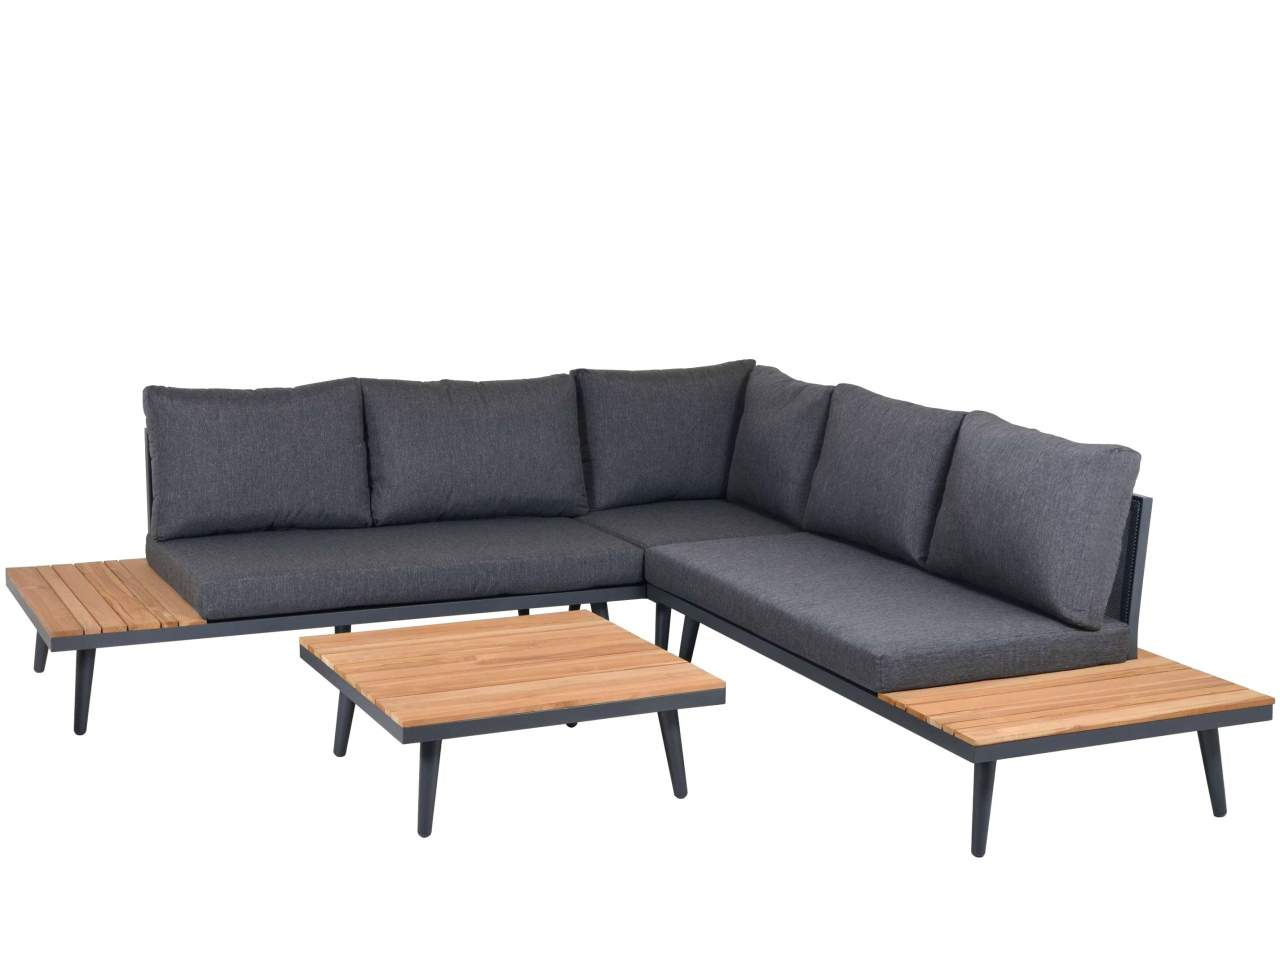 diy daybed sofa bauen neu garten sofa selber bauen diy sofa bed luxury schon durch diy daybed 1